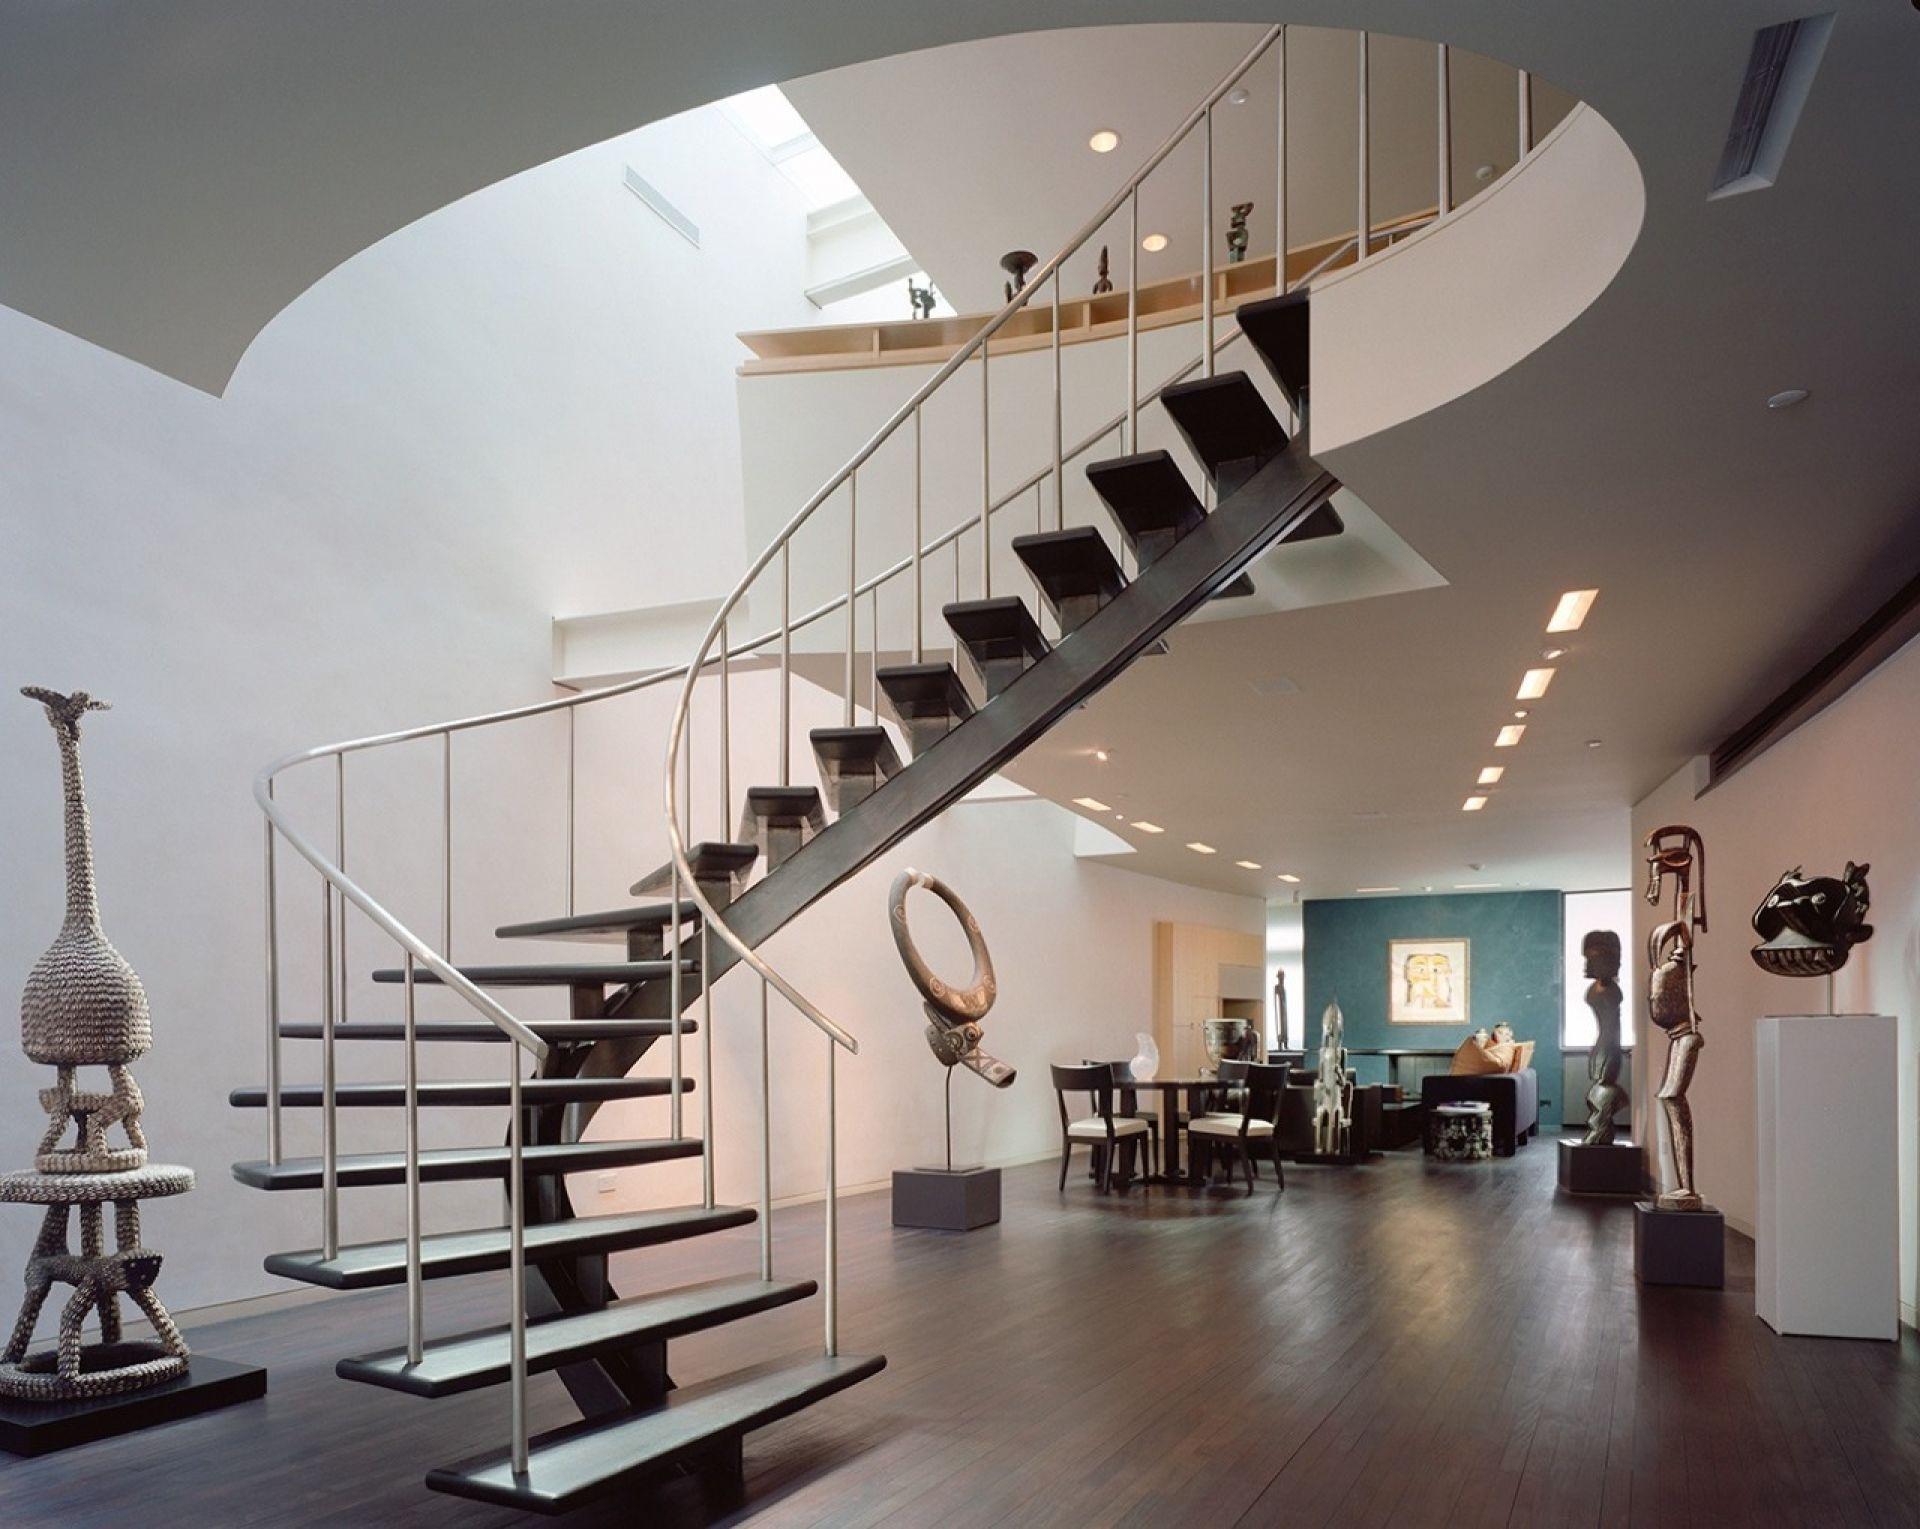 Chiếu nghỉ và chiếu tới luôn luôn tồn tại cùng nhau trên quãng đường di chuyển từ tầng này lên tầng kia